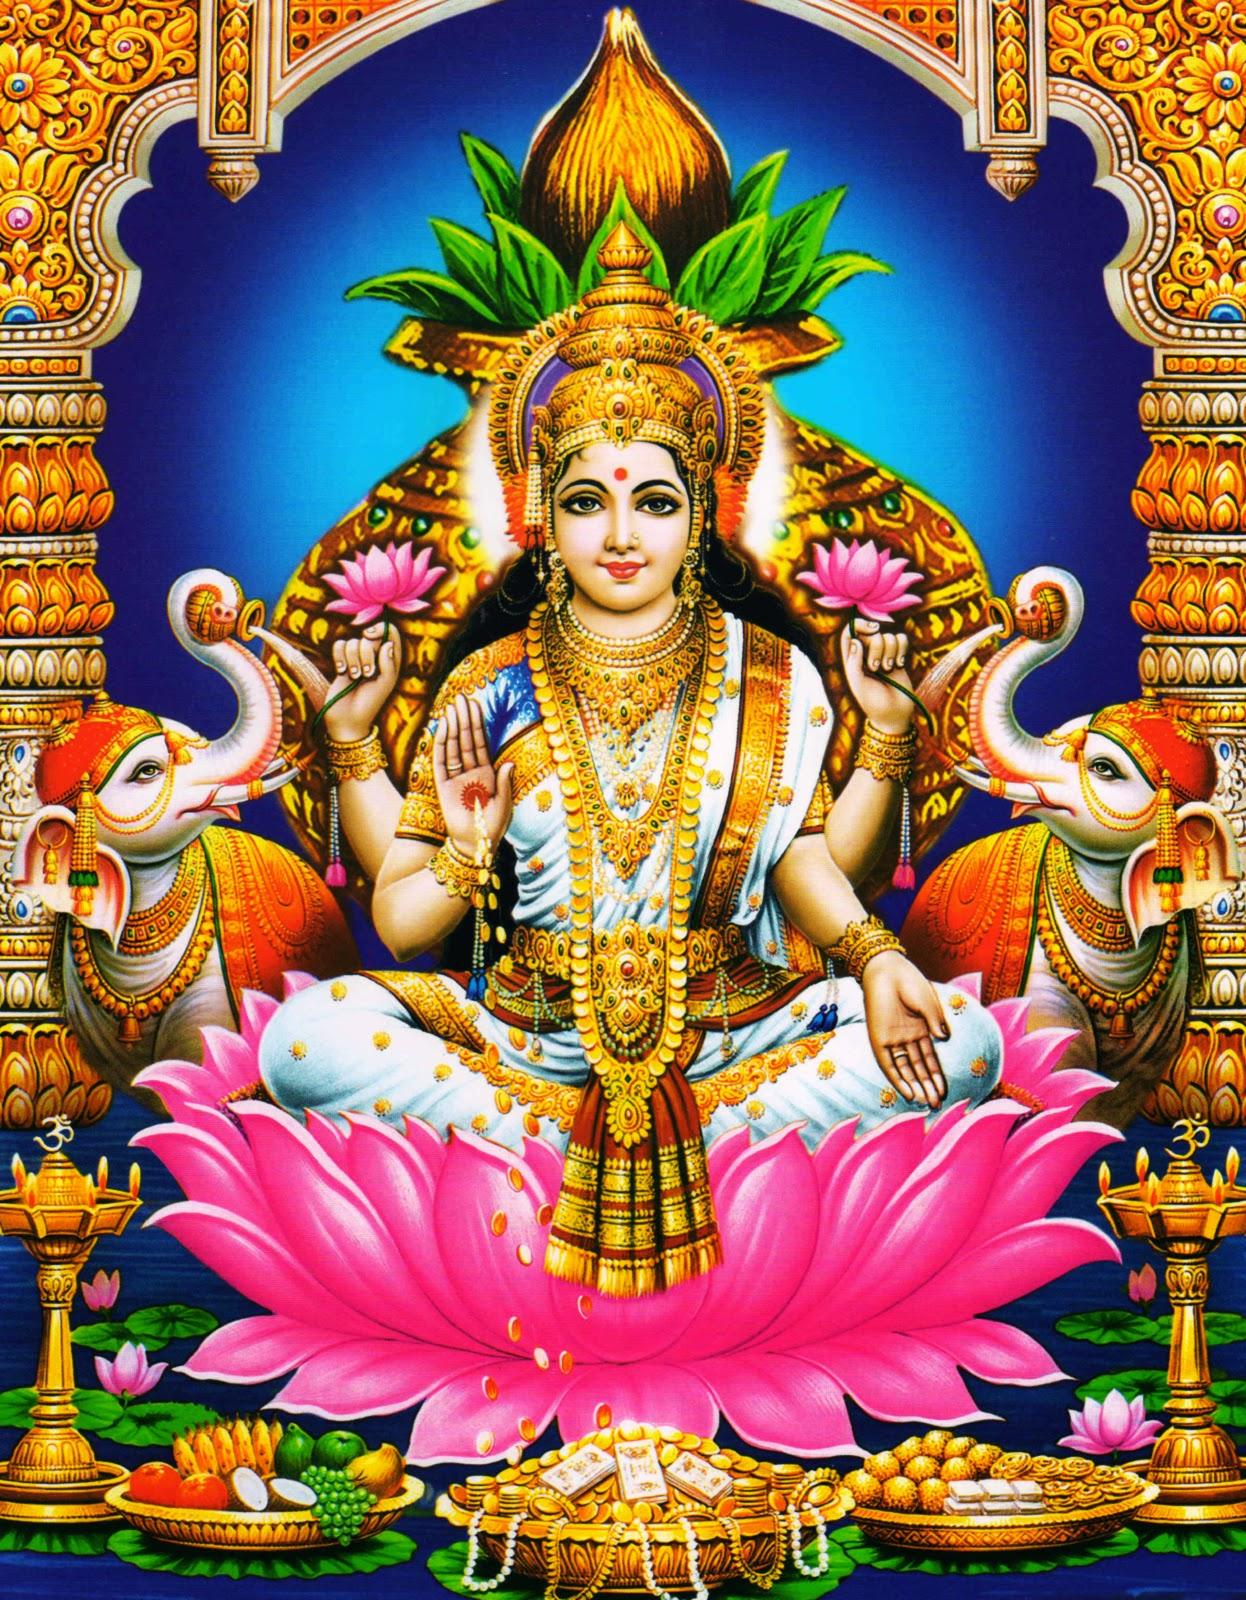 Sri Thirumeni Guruji  Sri Lalitha Sahasranamam